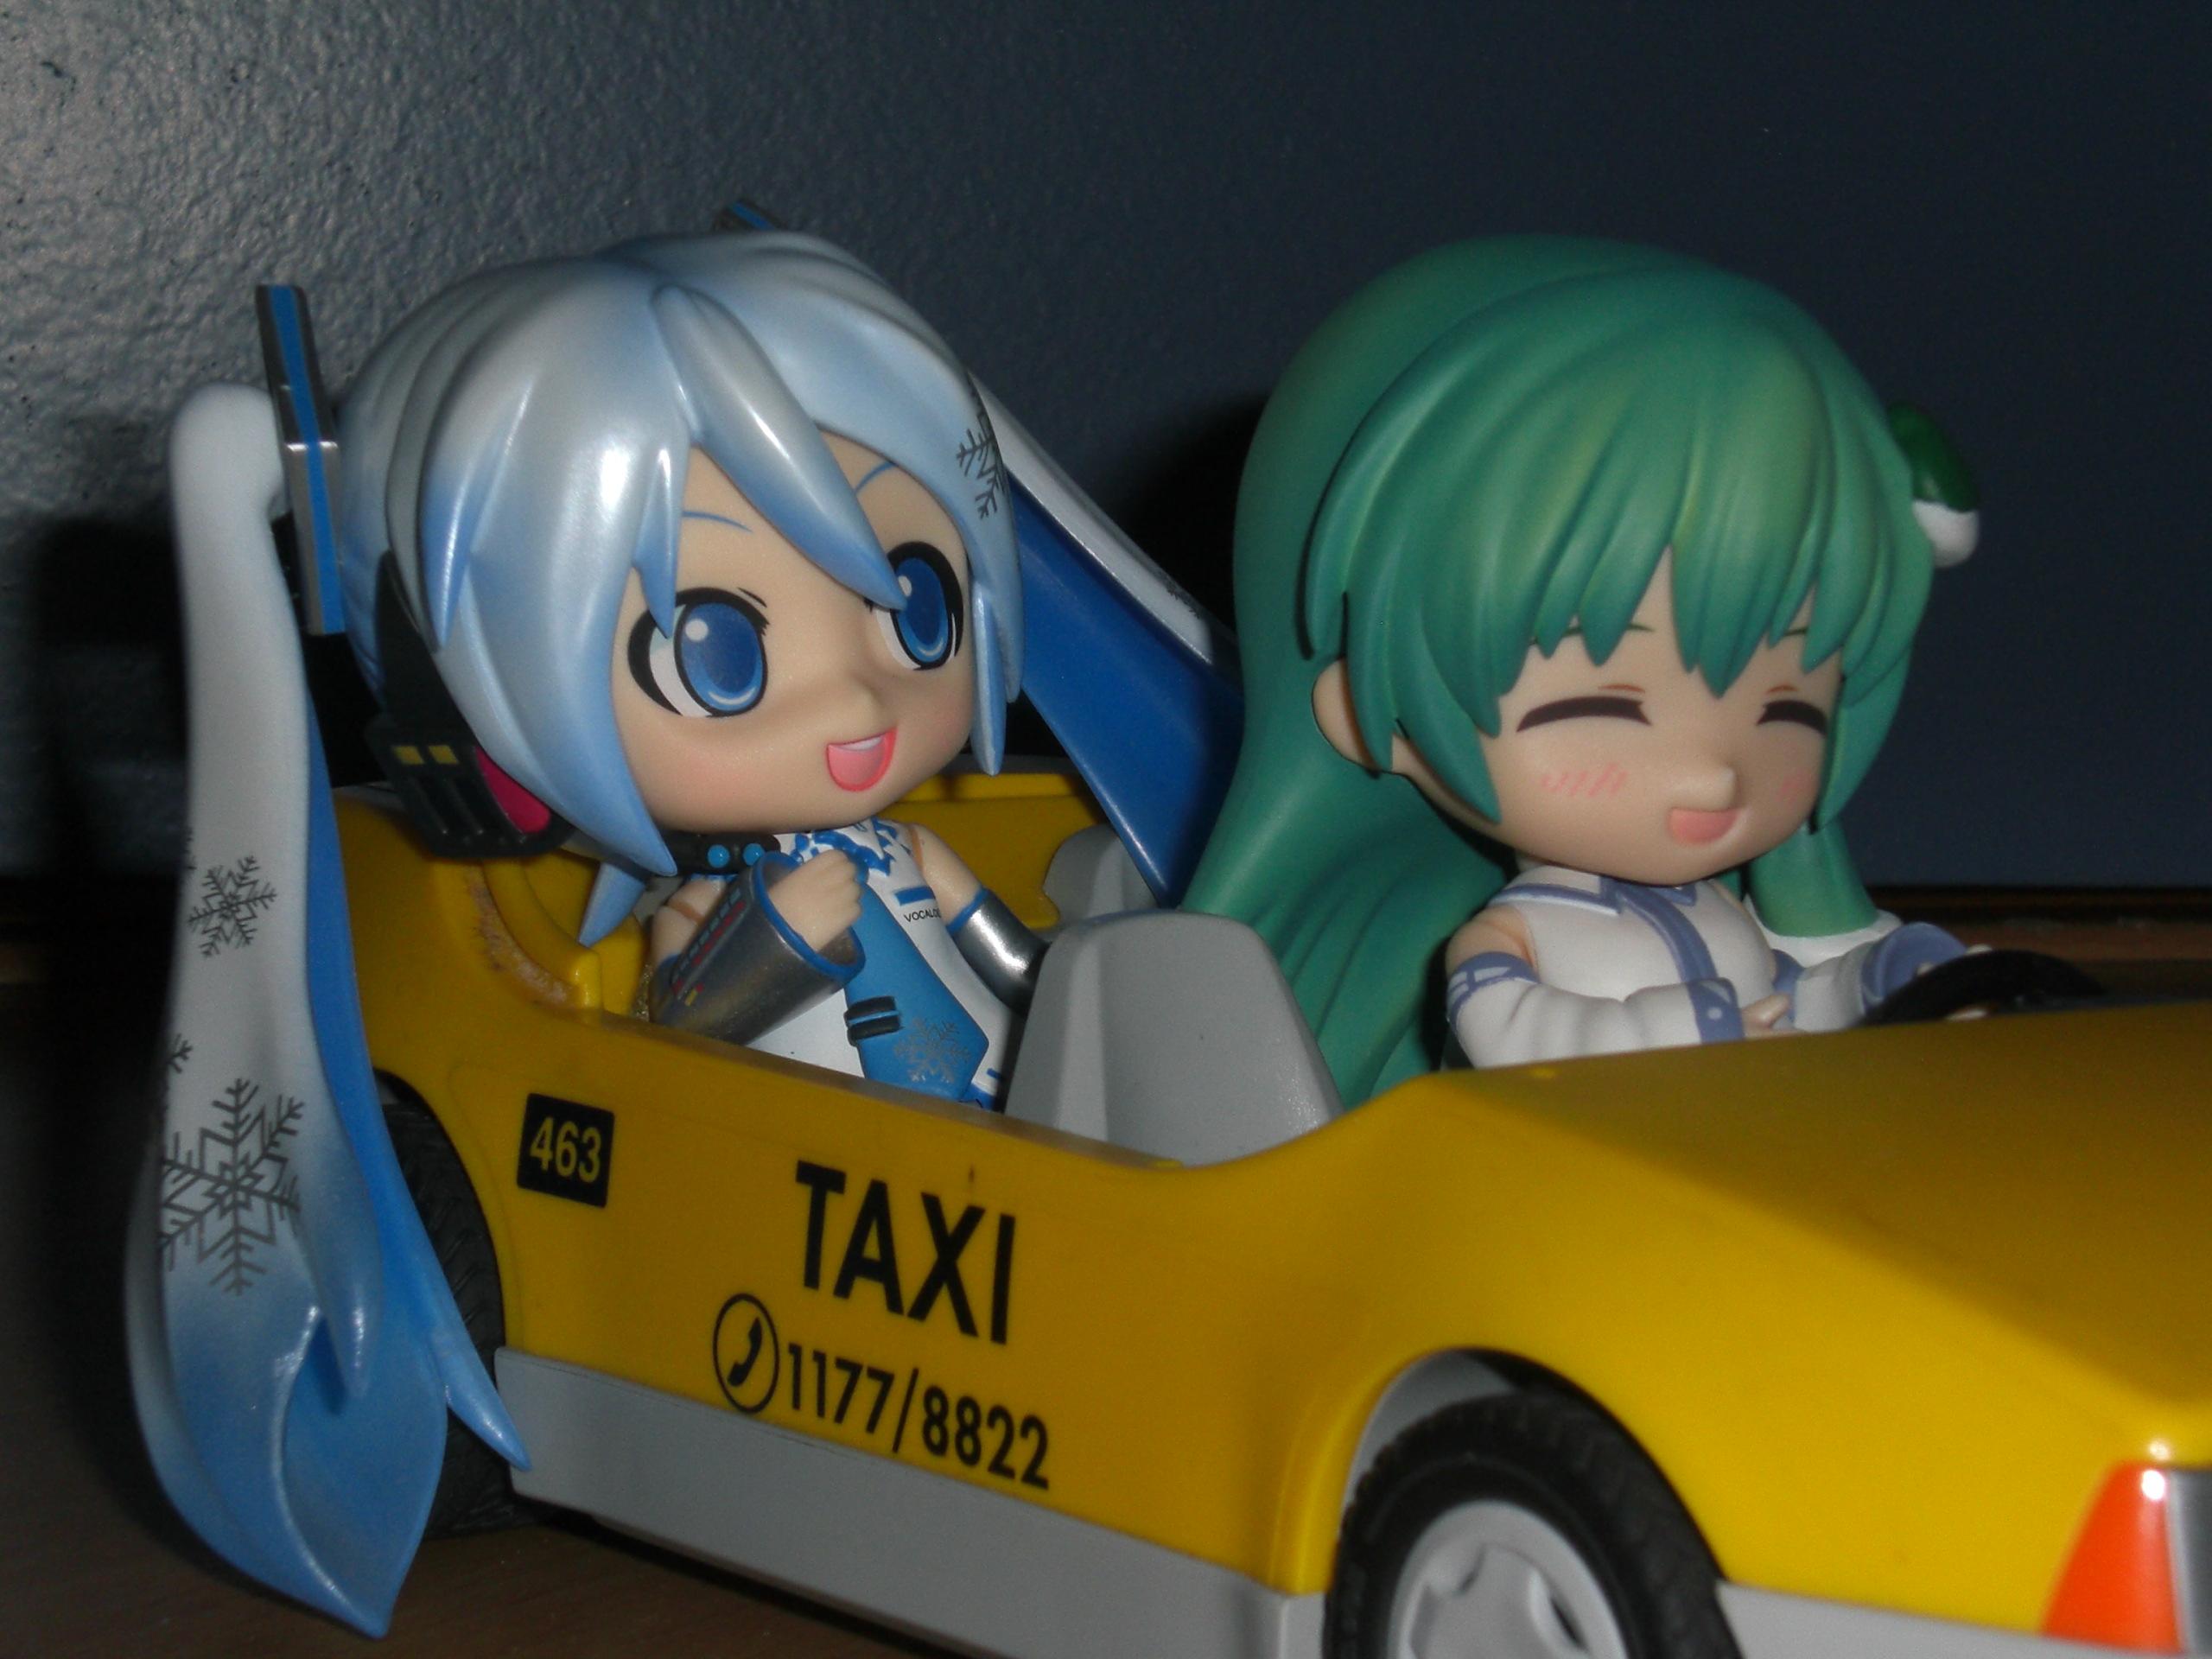 snow sanae taxi